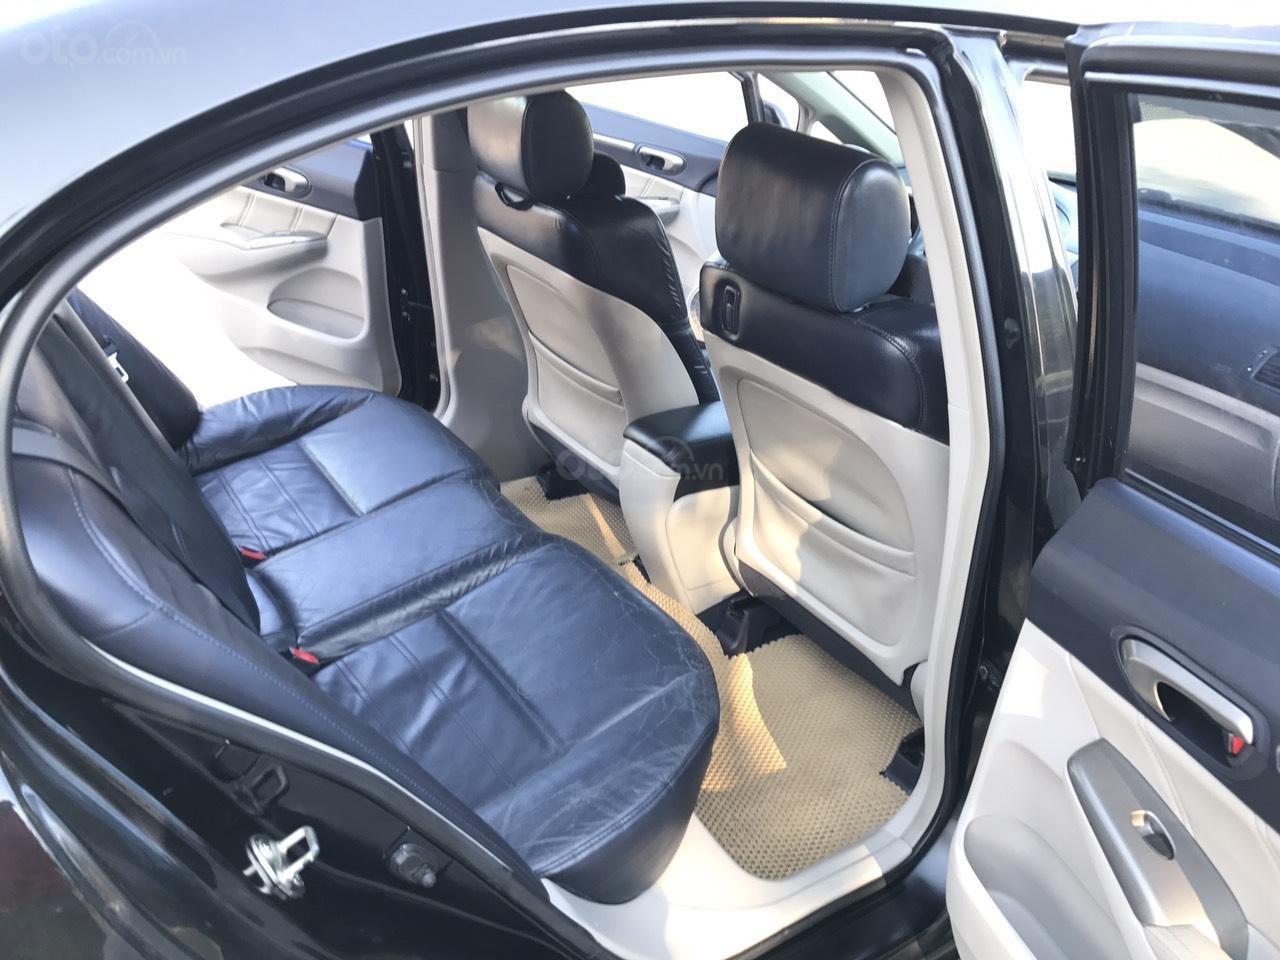 Cần bán Honda Civic 2.0AT sản xuất năm 2008, màu đen, chính chủ, xe tuyển (20)